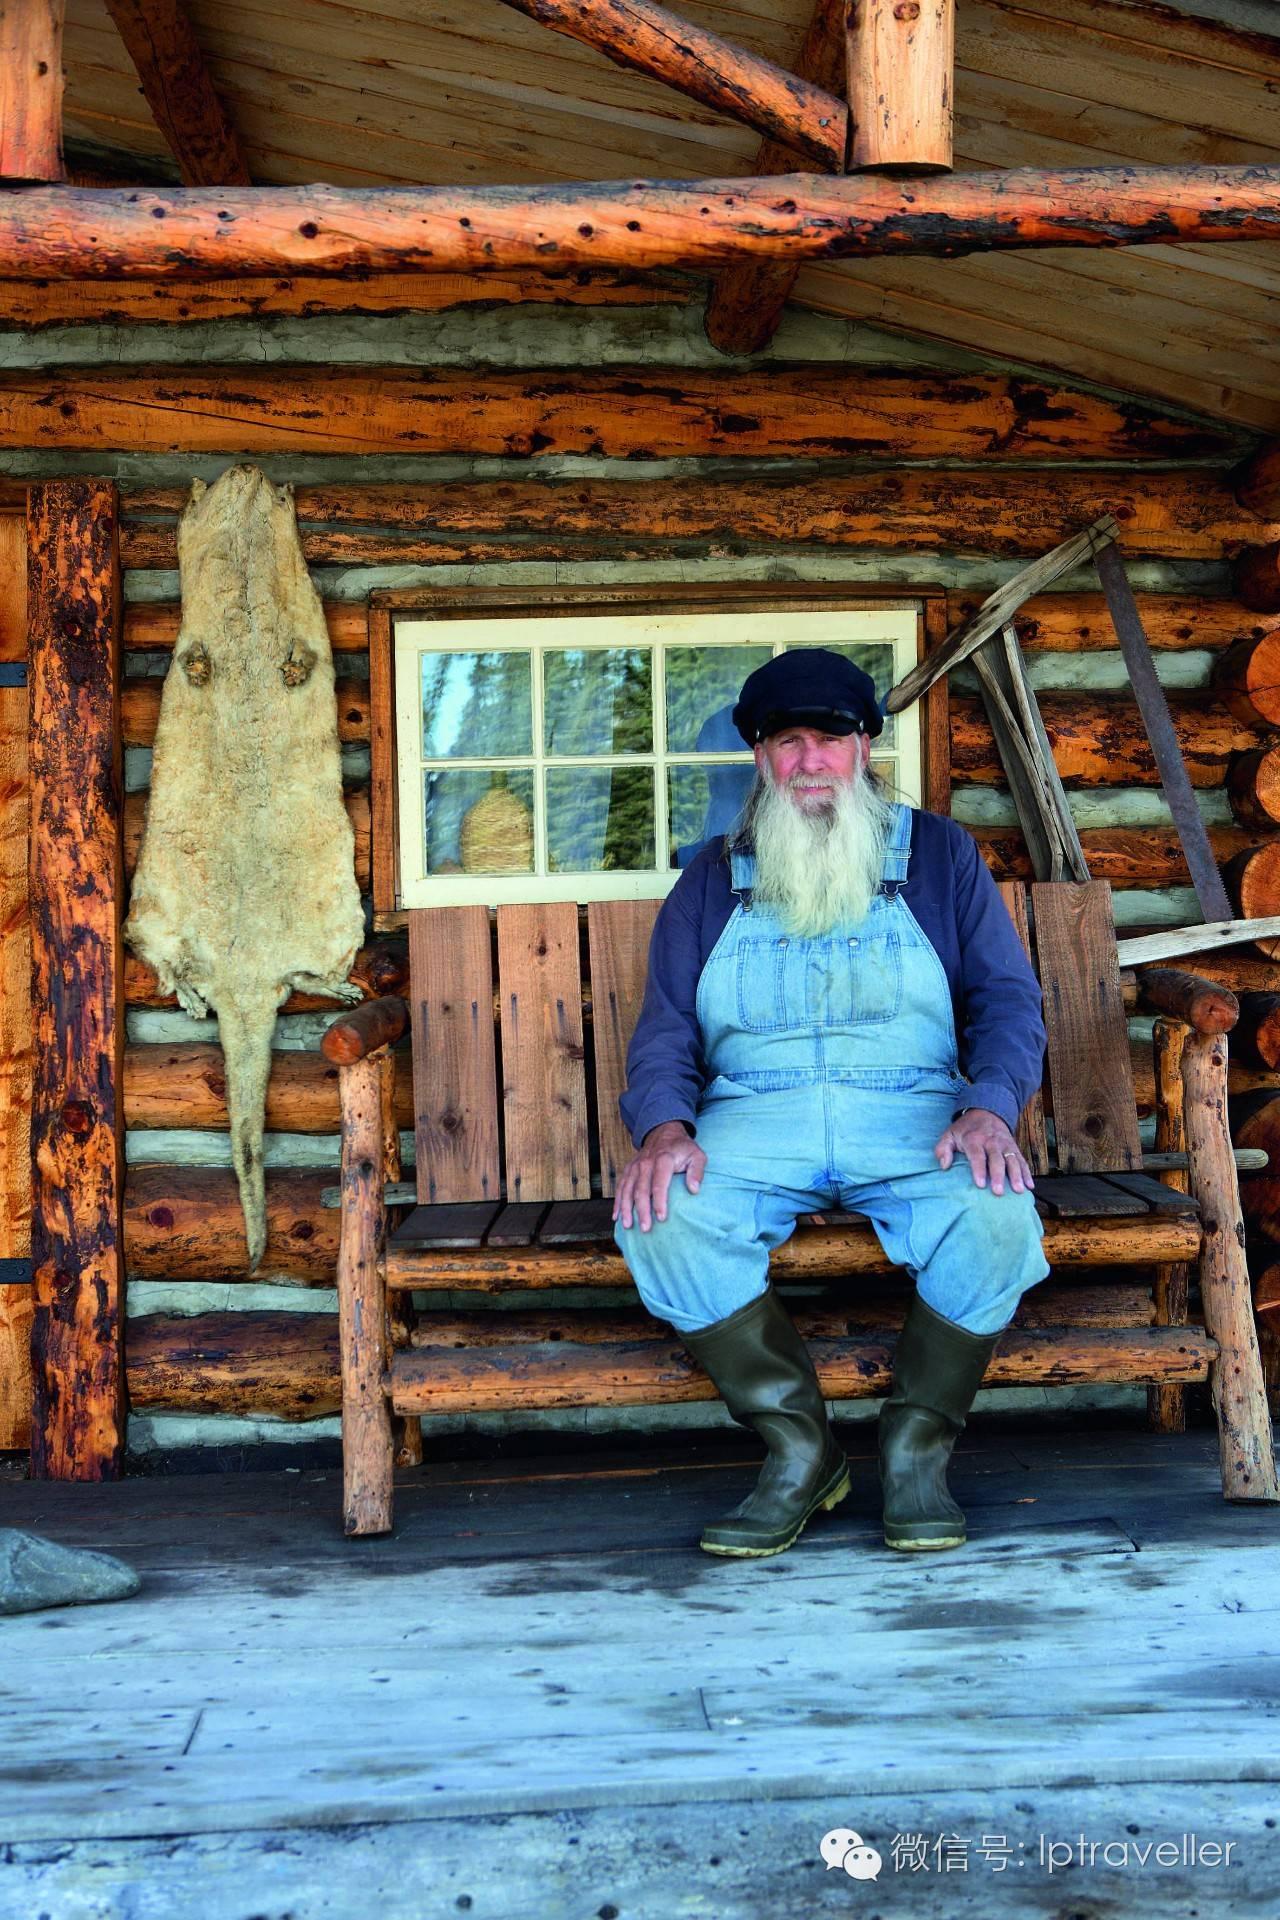 星球坐标|阿拉斯加:淘金者与冒险家铺就的旷野奇